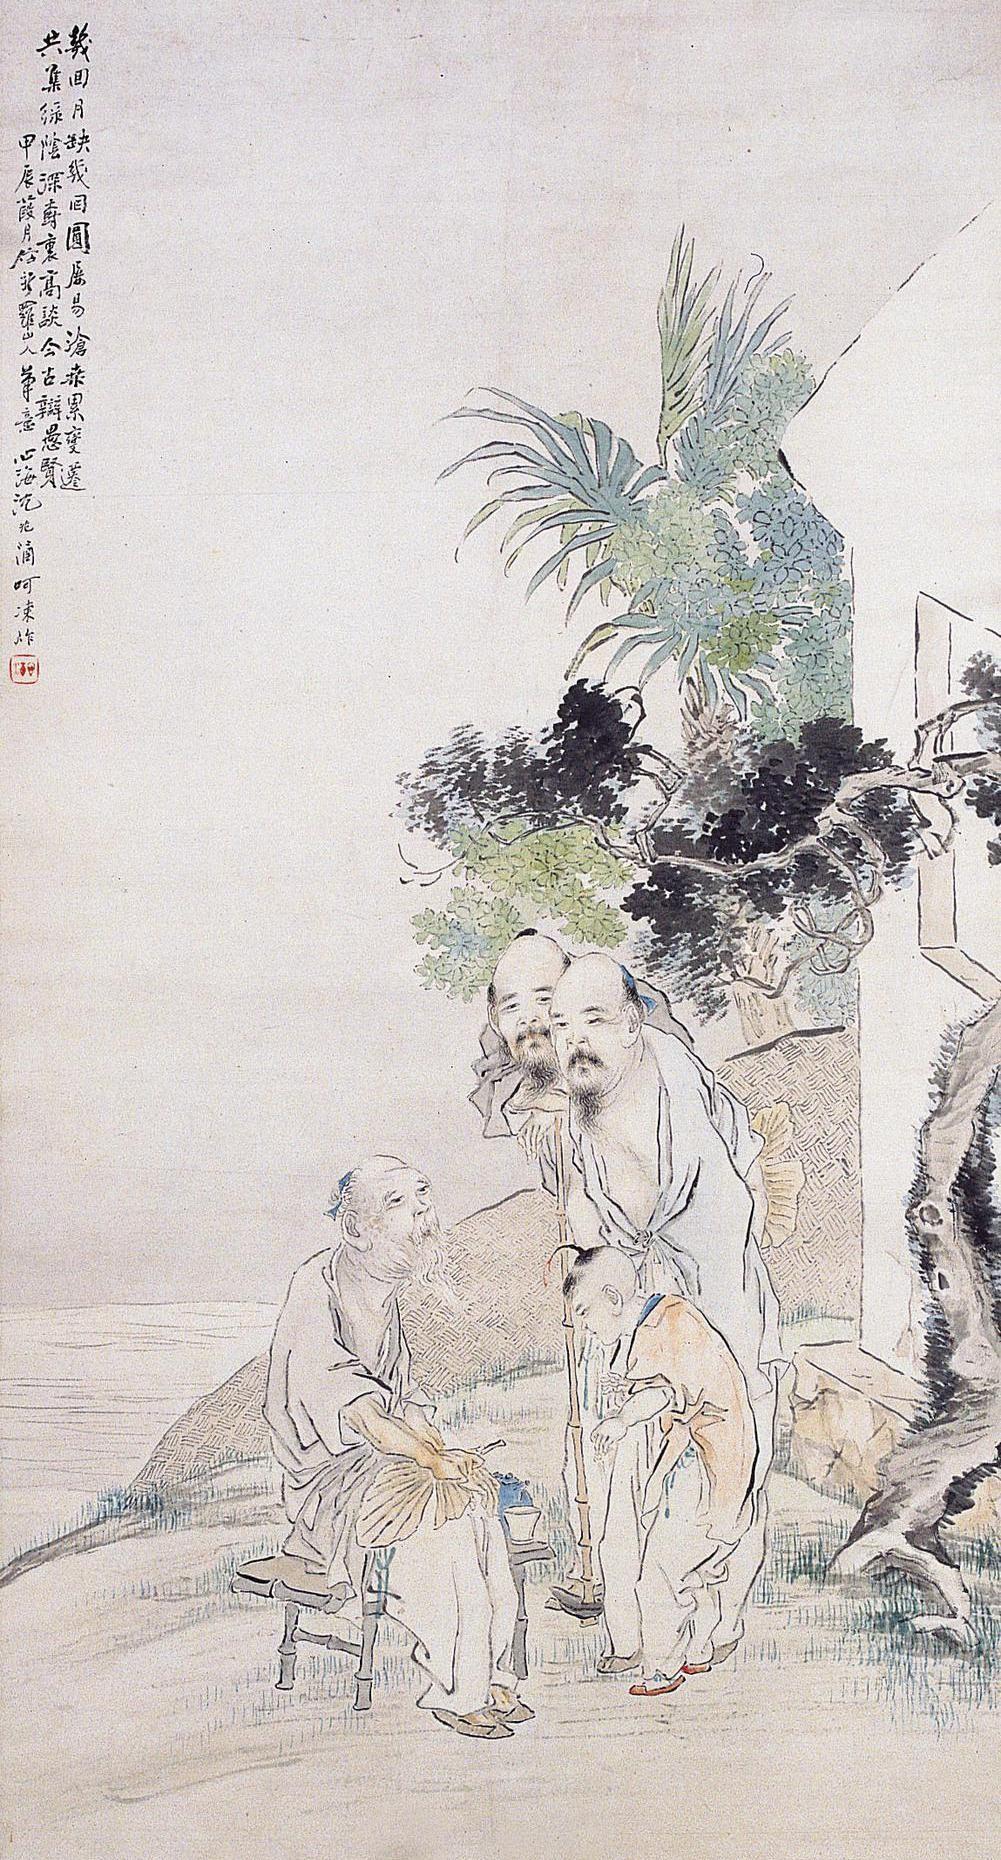 历史图集:石印,北京海淀区紫竹院公园